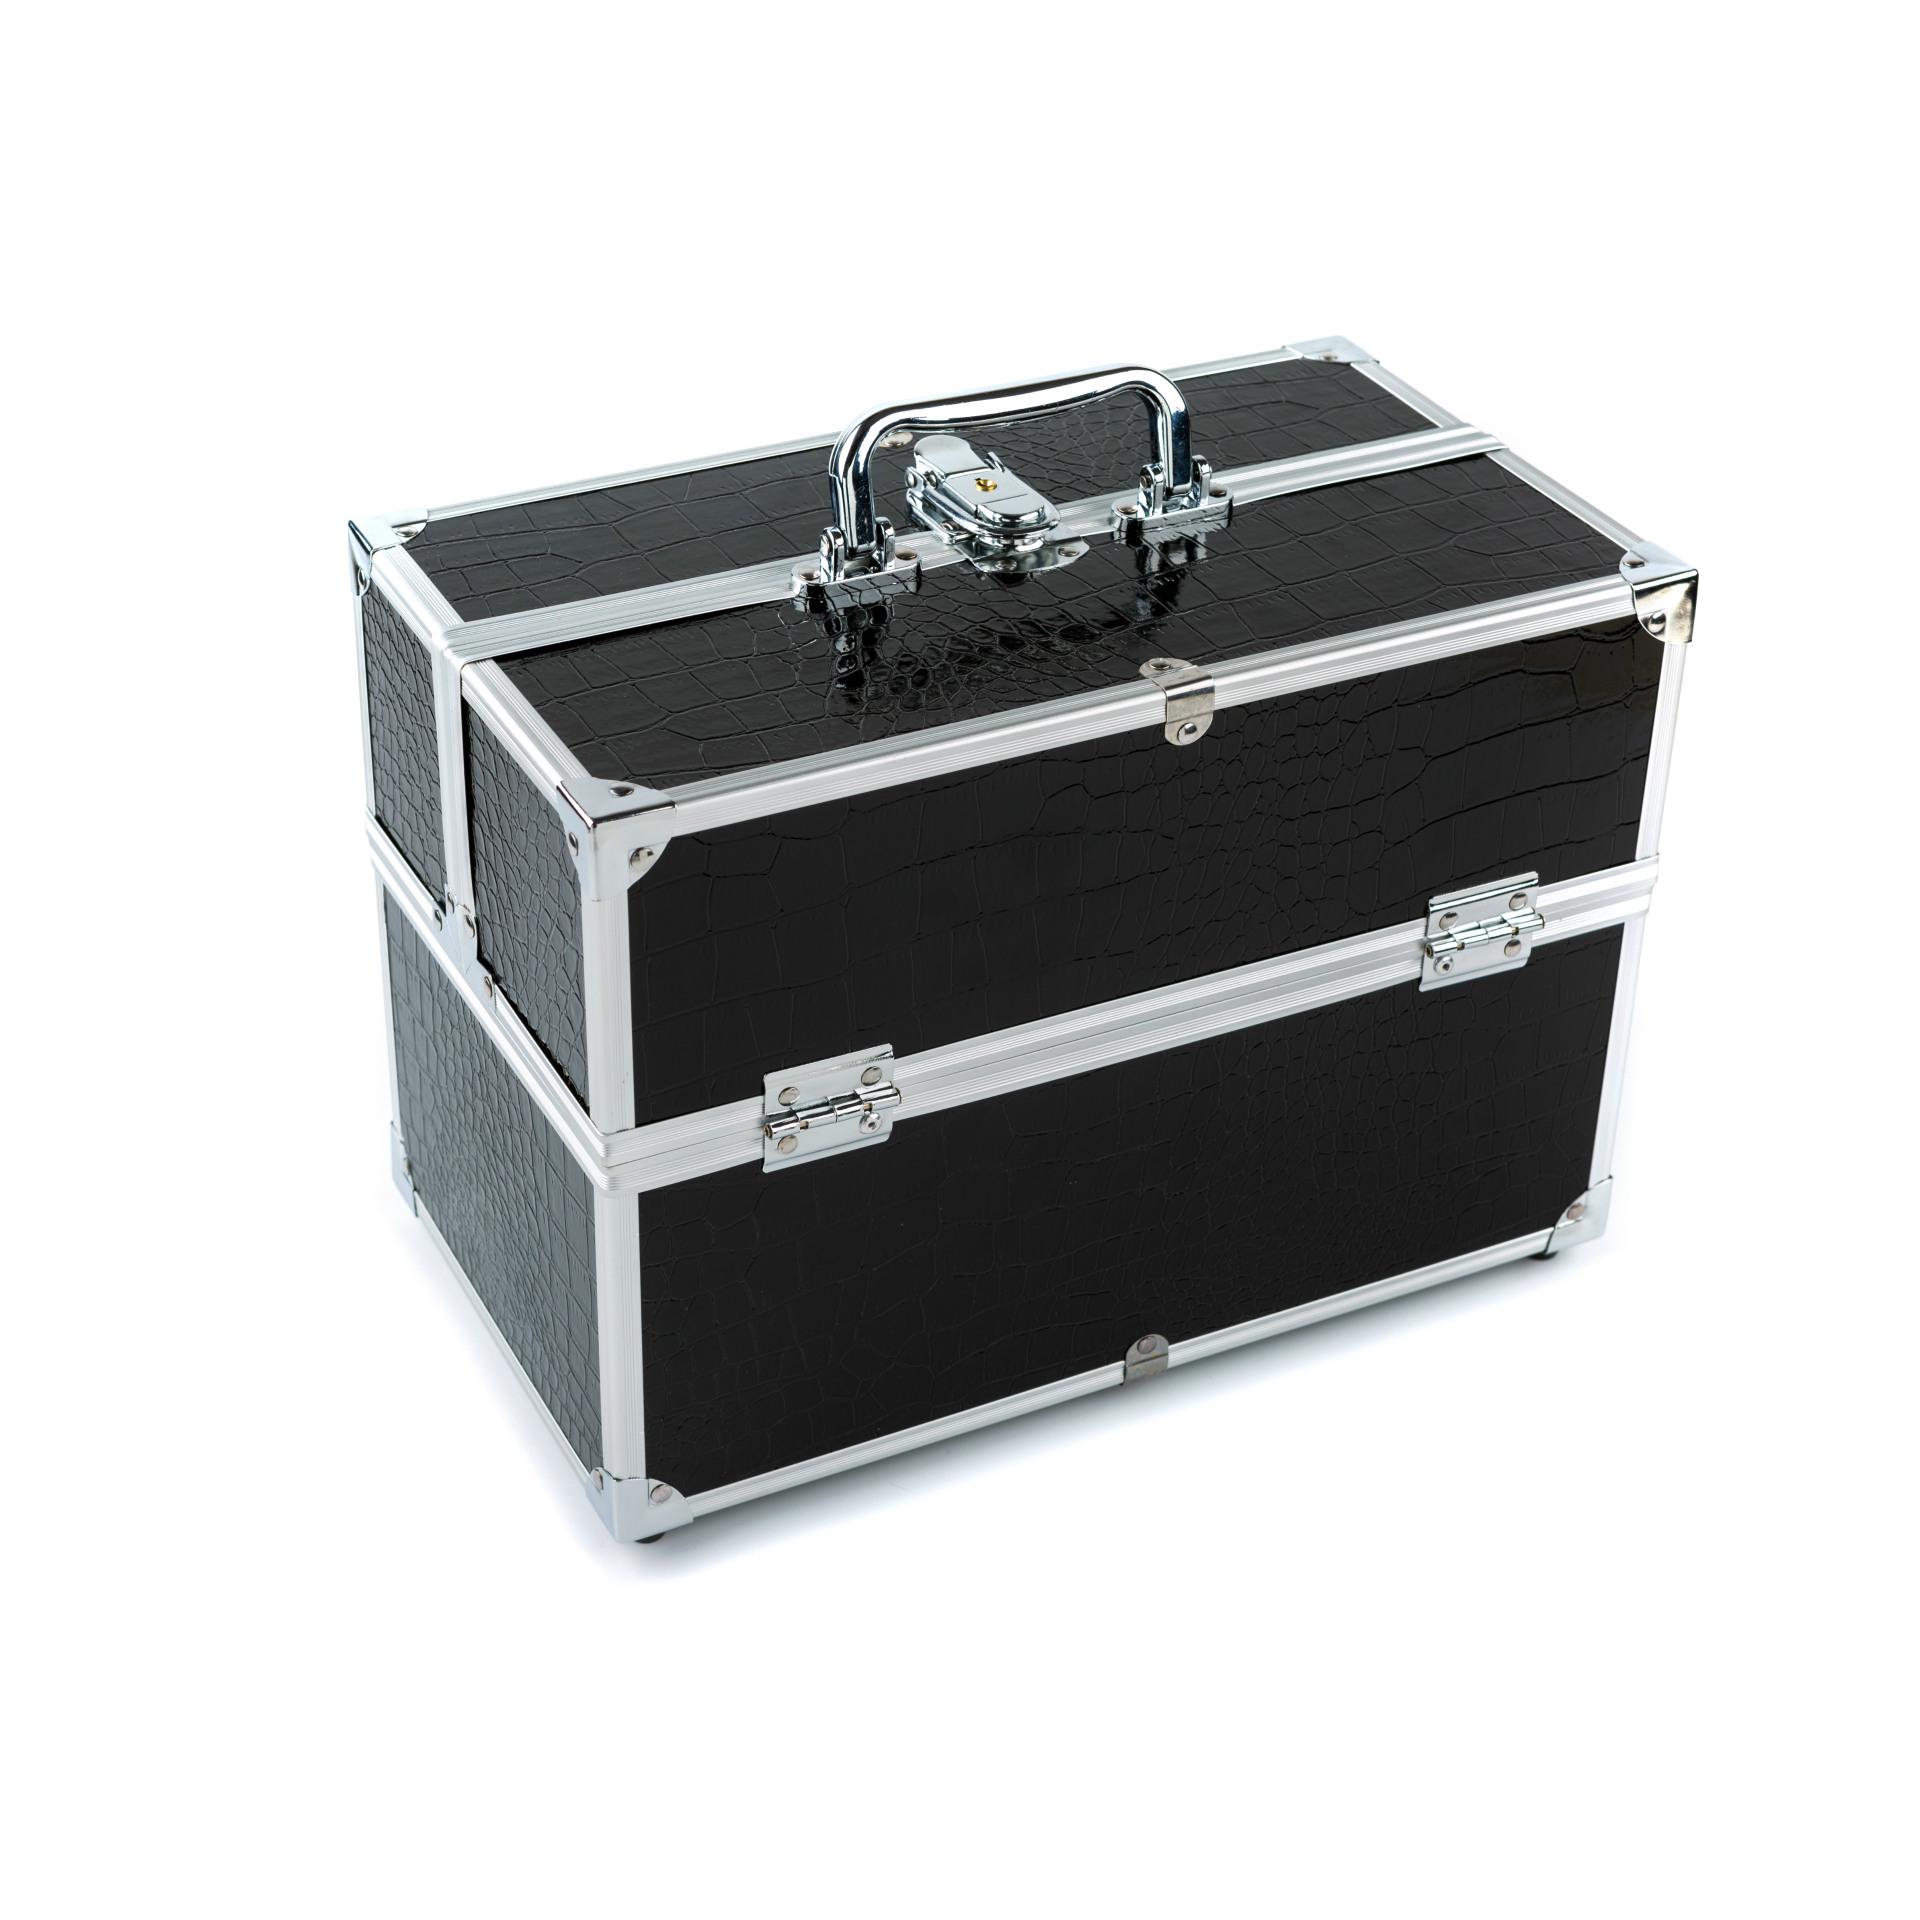 厂家供应1232#黑色化妆箱 家用化妆箱 收纳箱 铝箱三层化妆箱专业